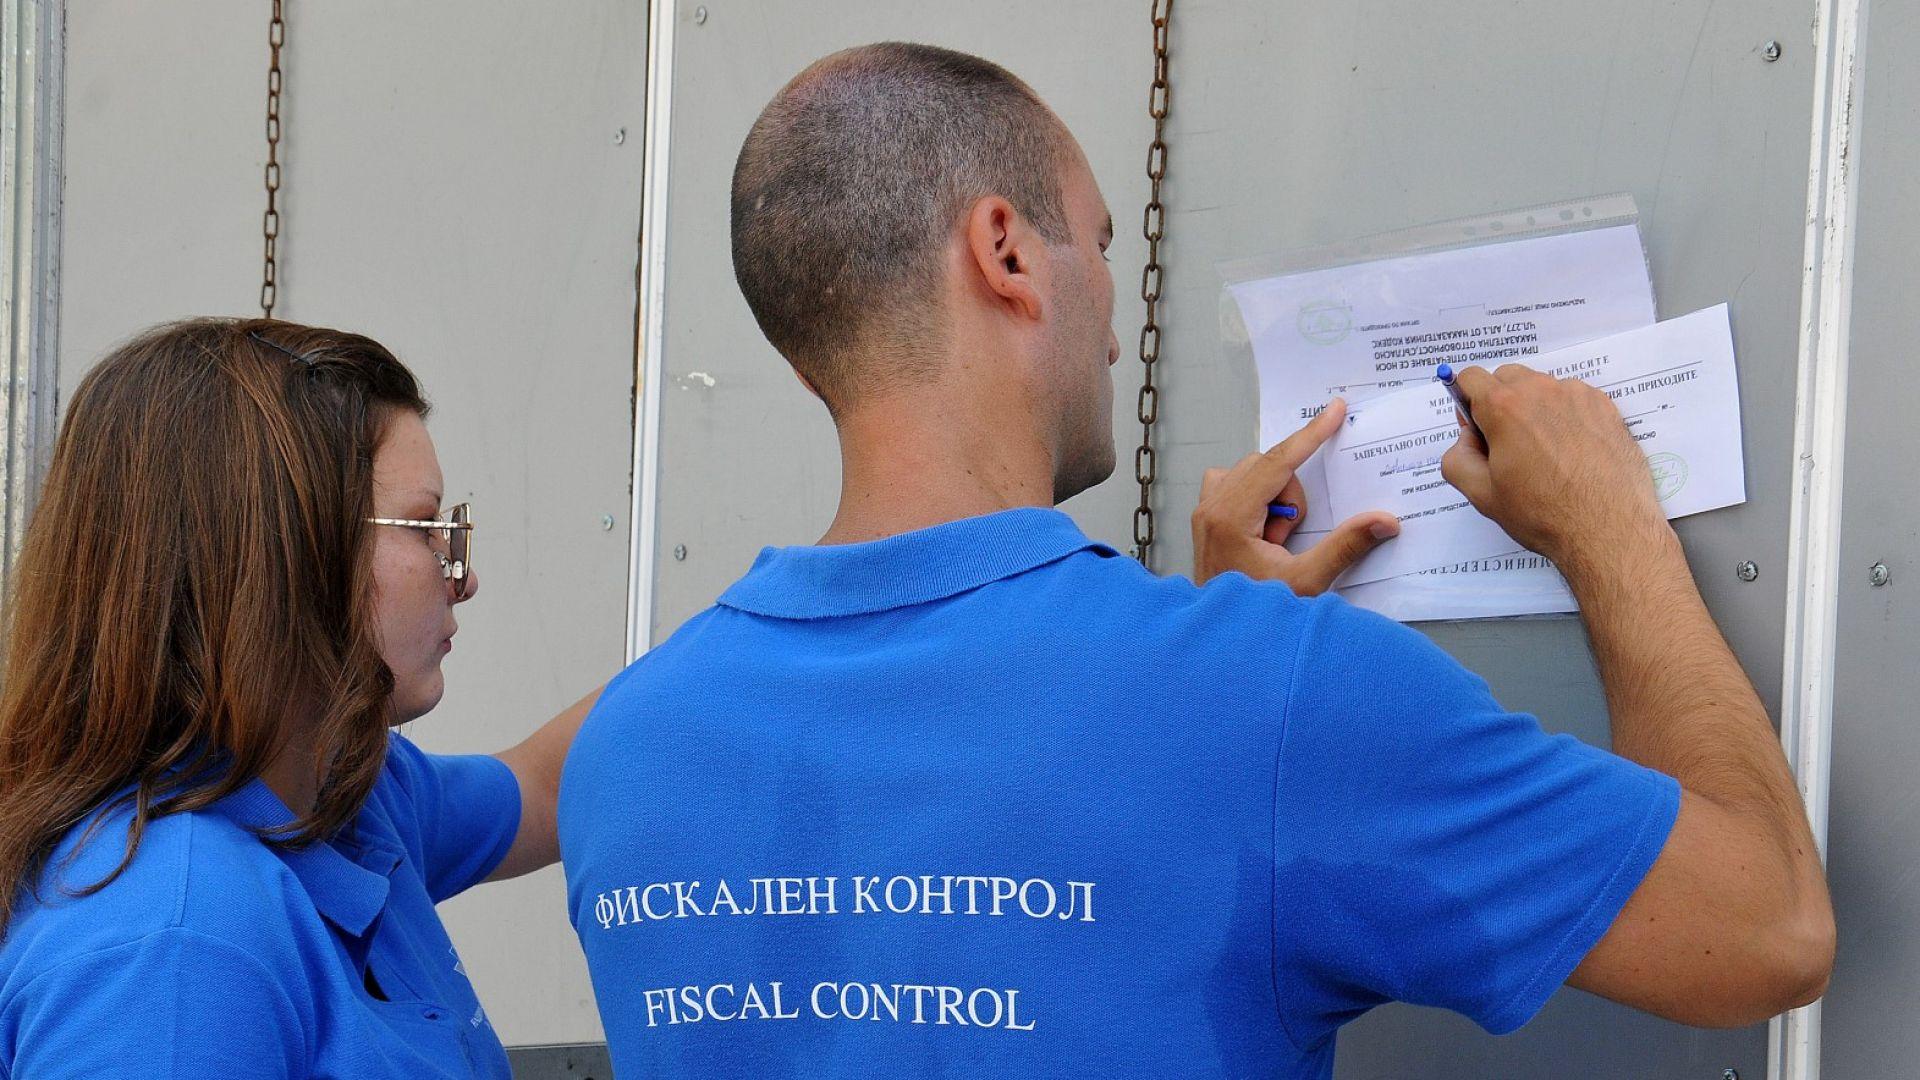 Е--търговци от Бургас укрили приходи за 15 млн. лв.